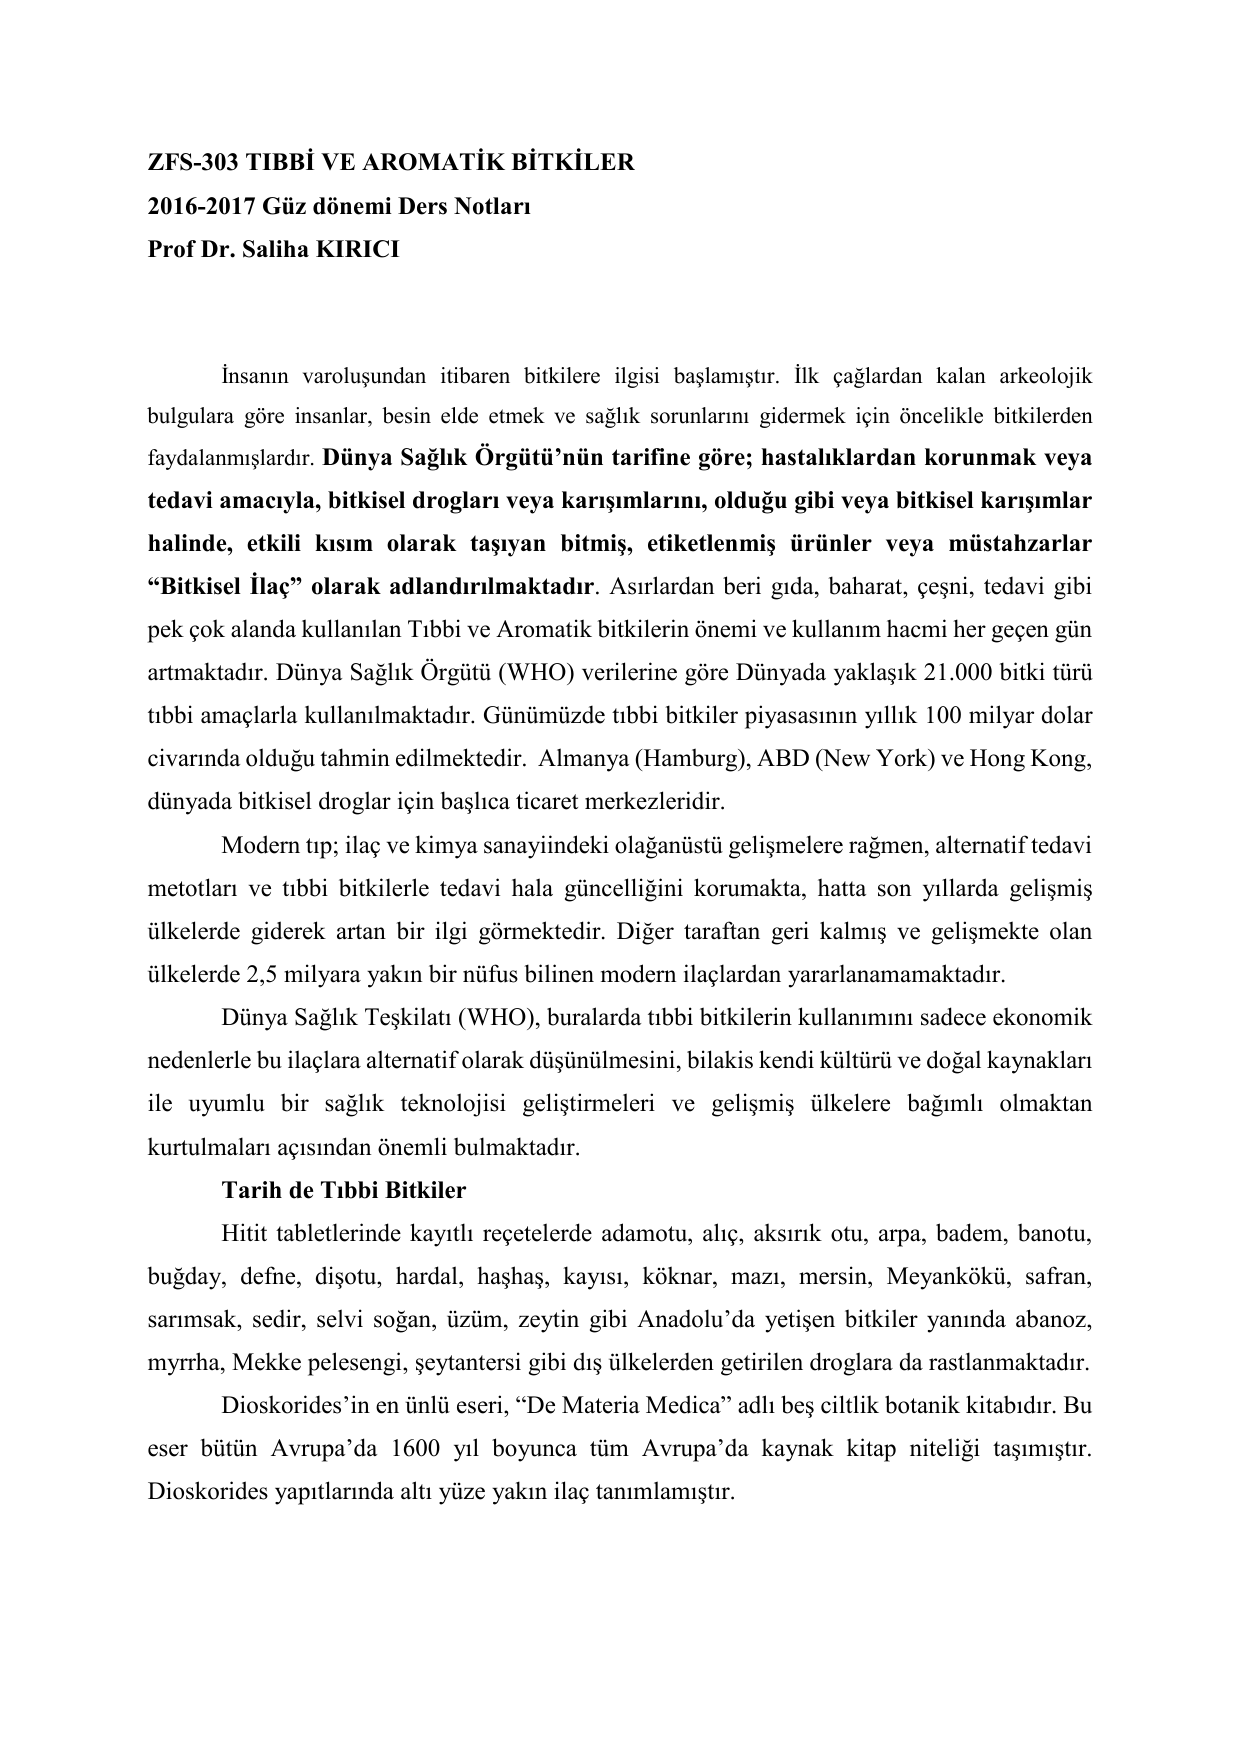 Karanfil - baharat, tıbbi özellikleri son derece değerli